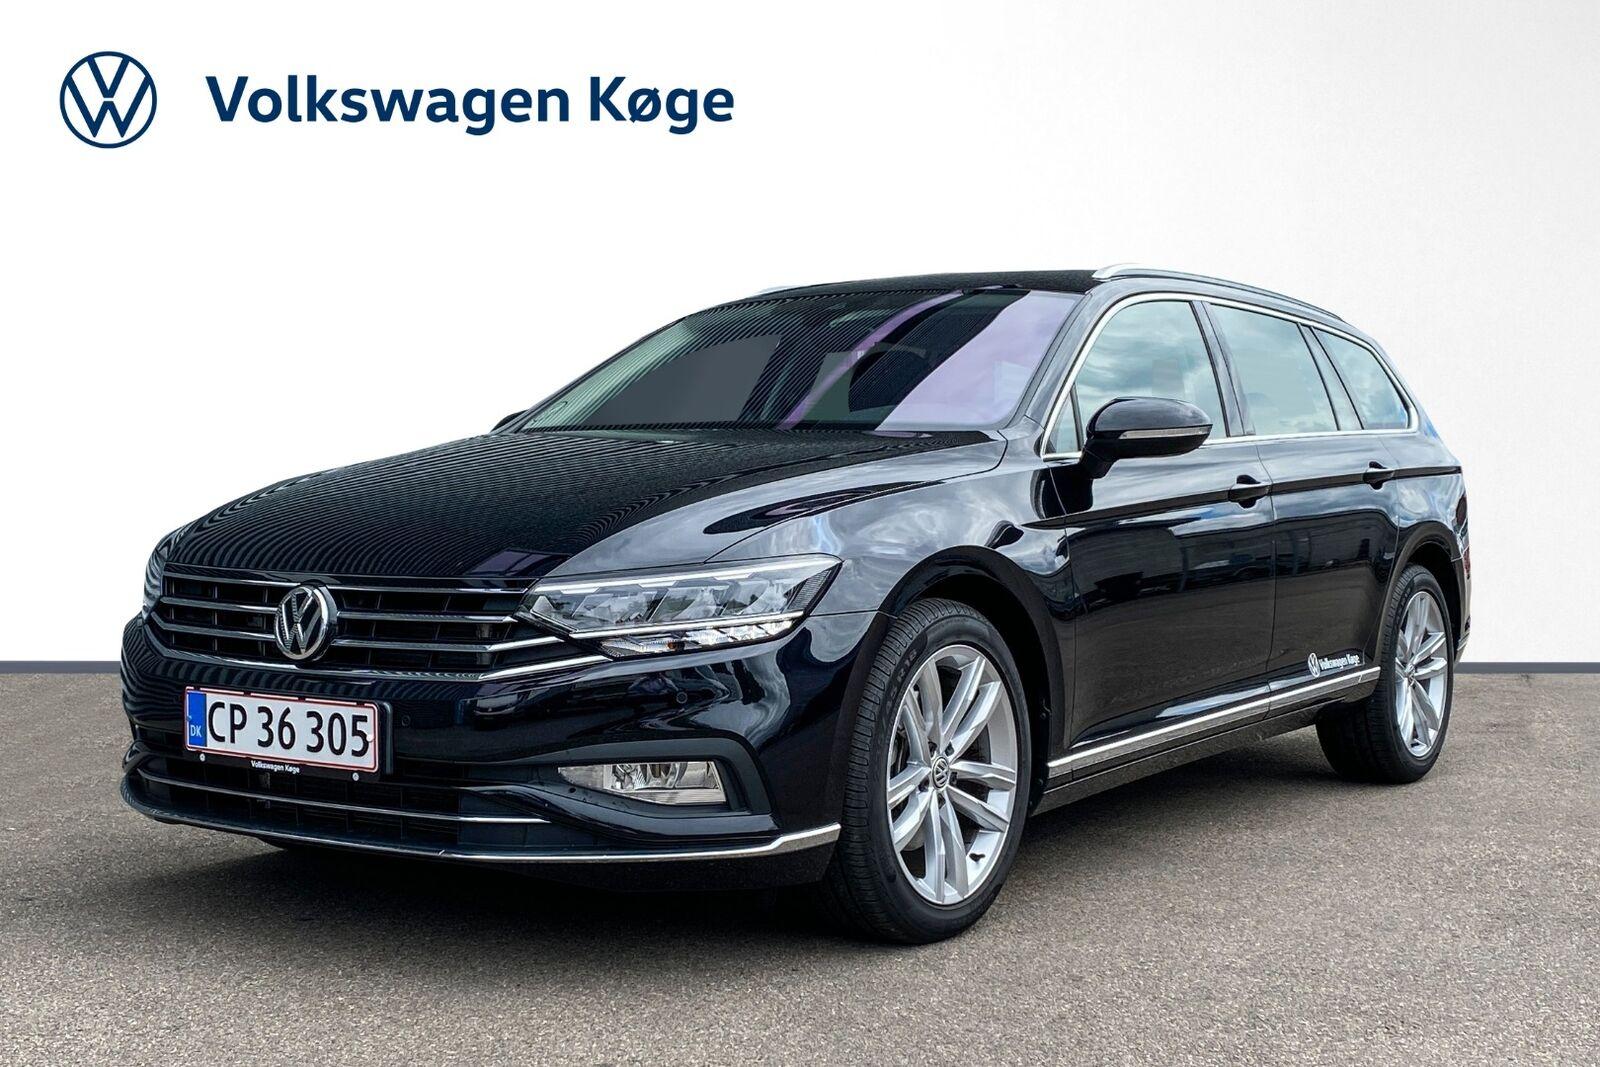 VW Passat 2,0 TDi 150 Elegance+ Variant DSG 5d - 419.900 kr.